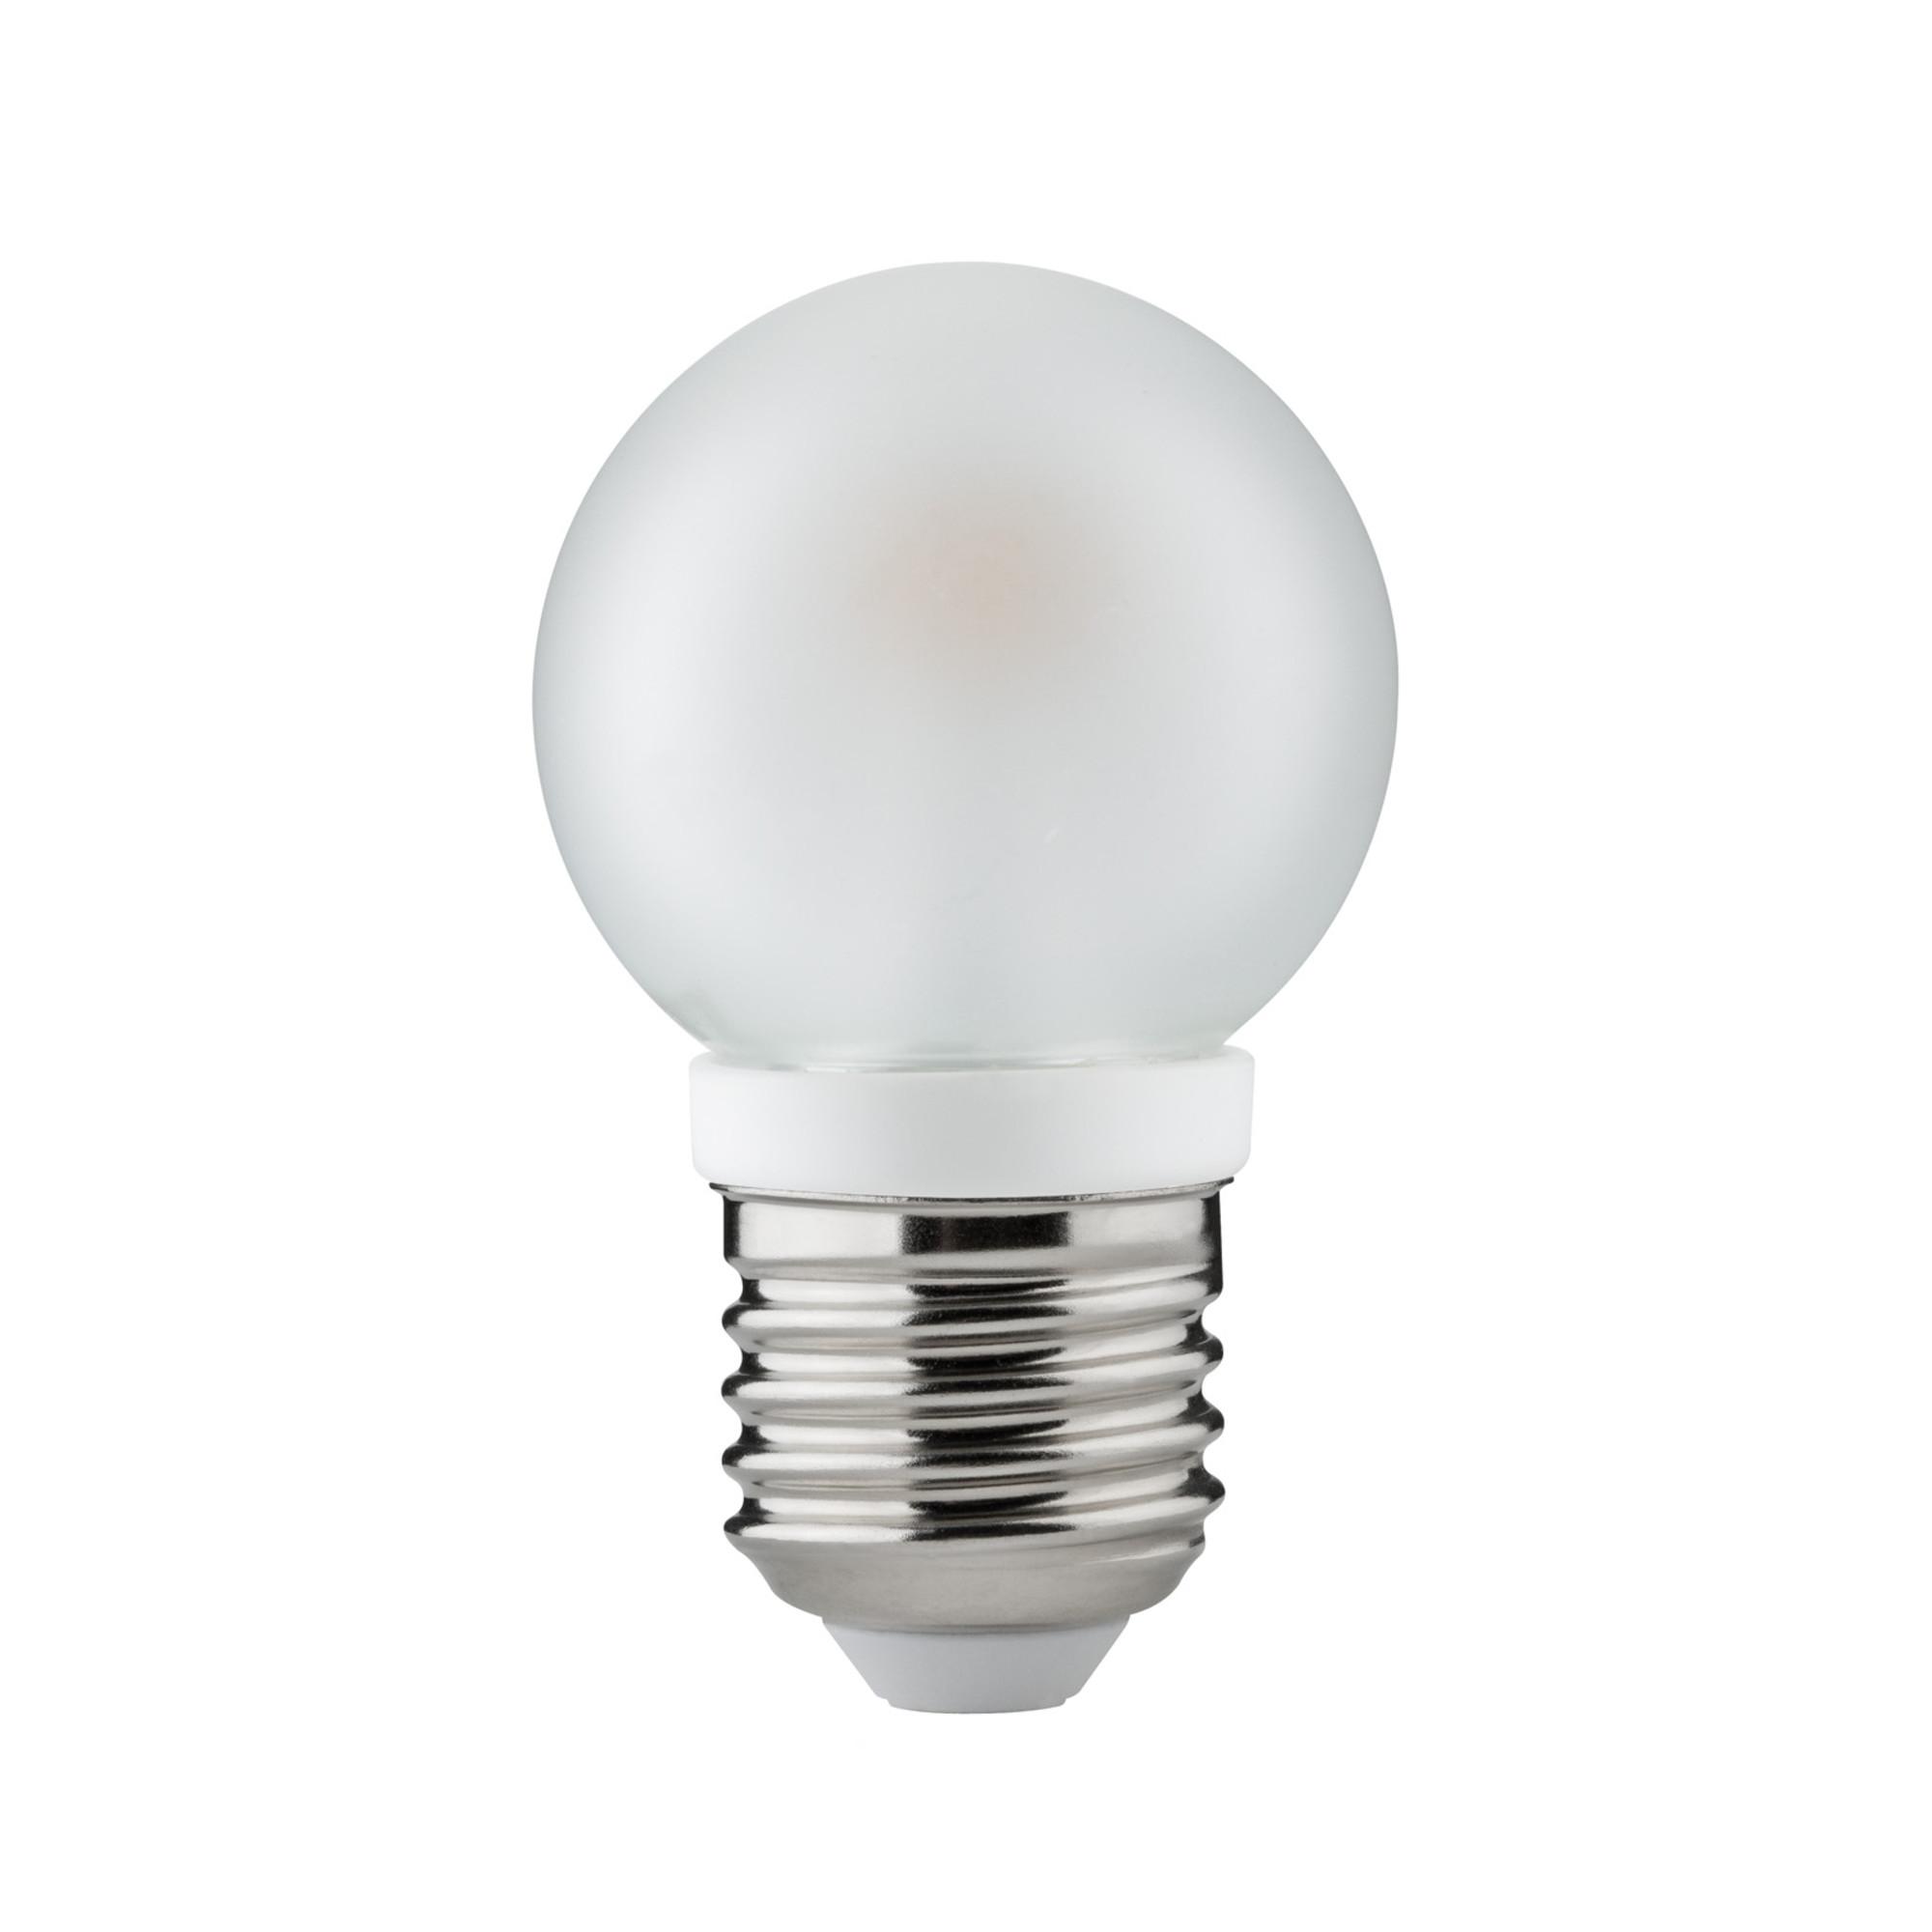 Лампа Paulmann 28322 E27 390 Лм теплый свет